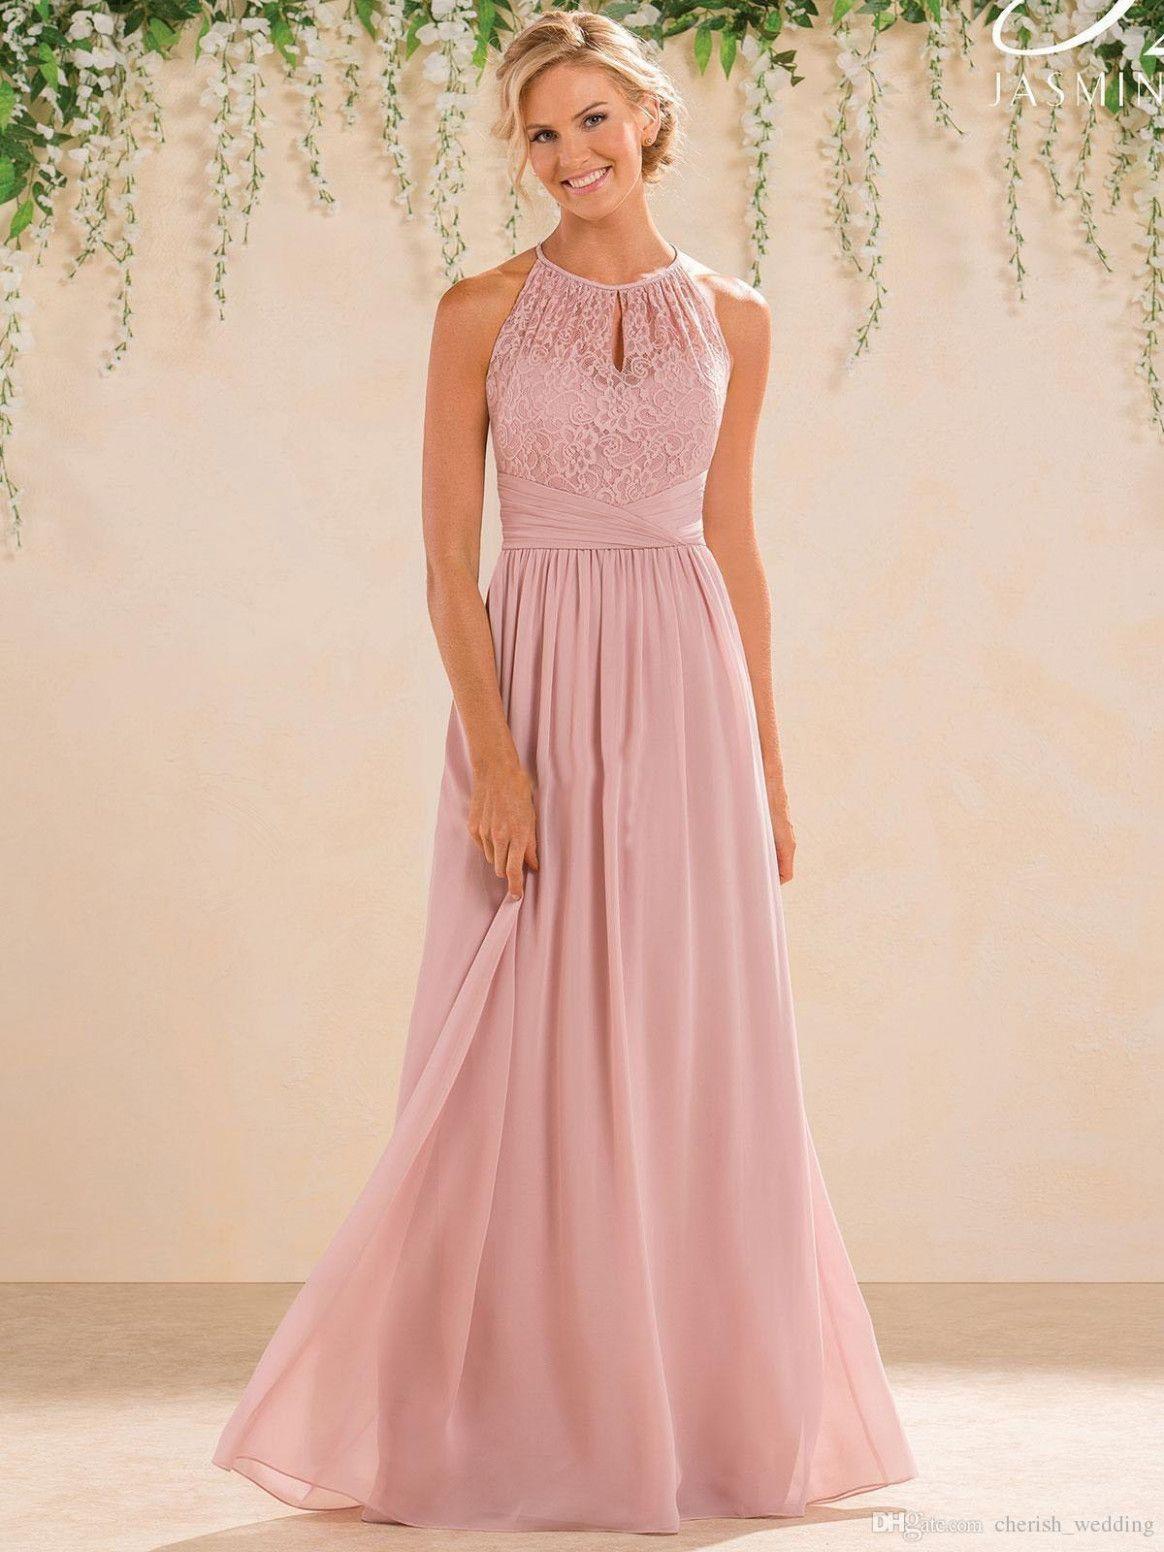 14 Lange Abendkleider Für Hochzeit in 2020 | Lange kleider ...